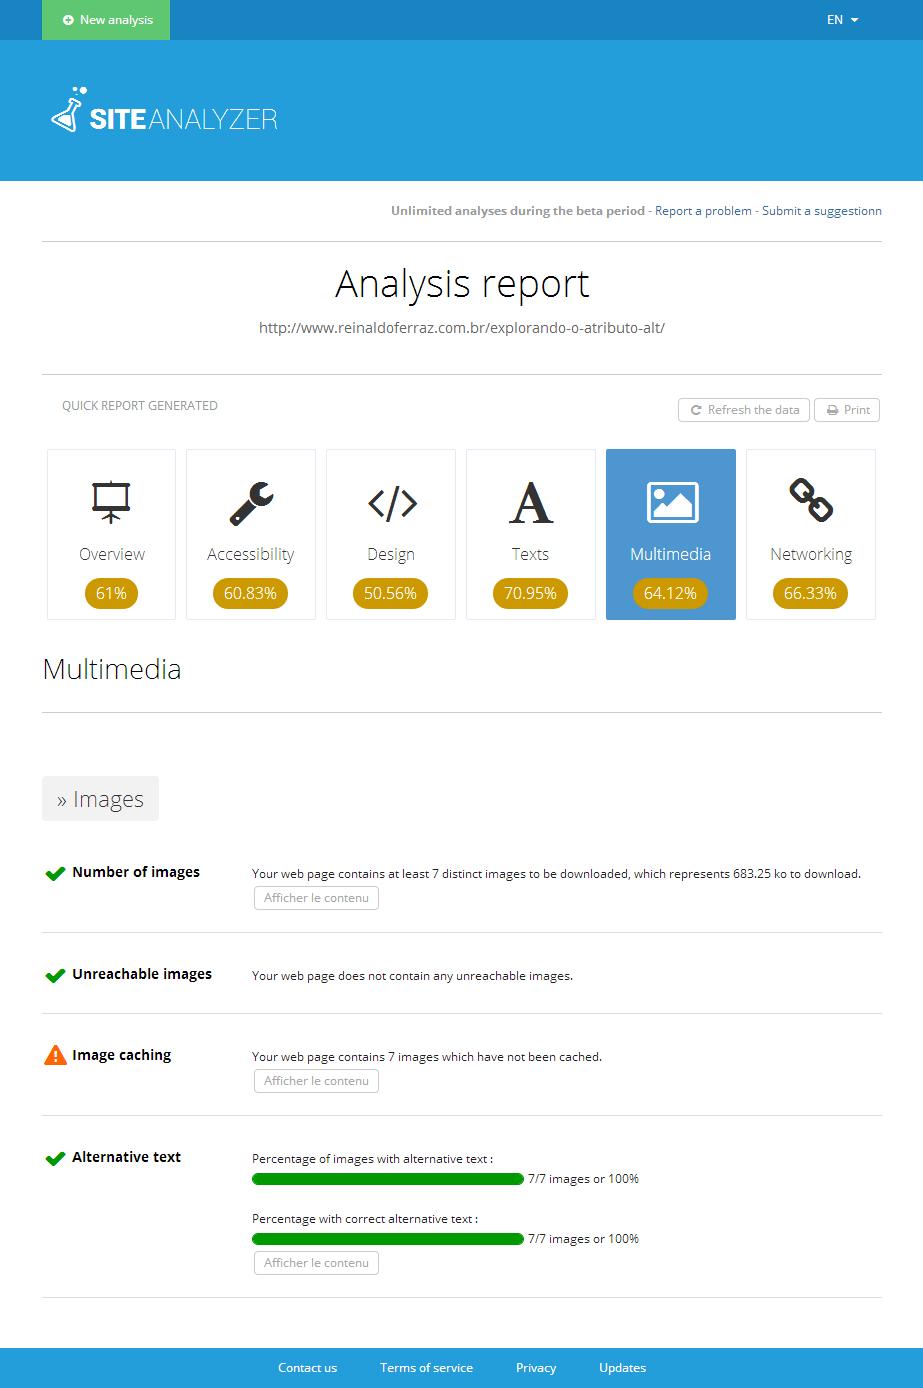 O ranking passou para 64,12% com o uso adequado do atributo ALT